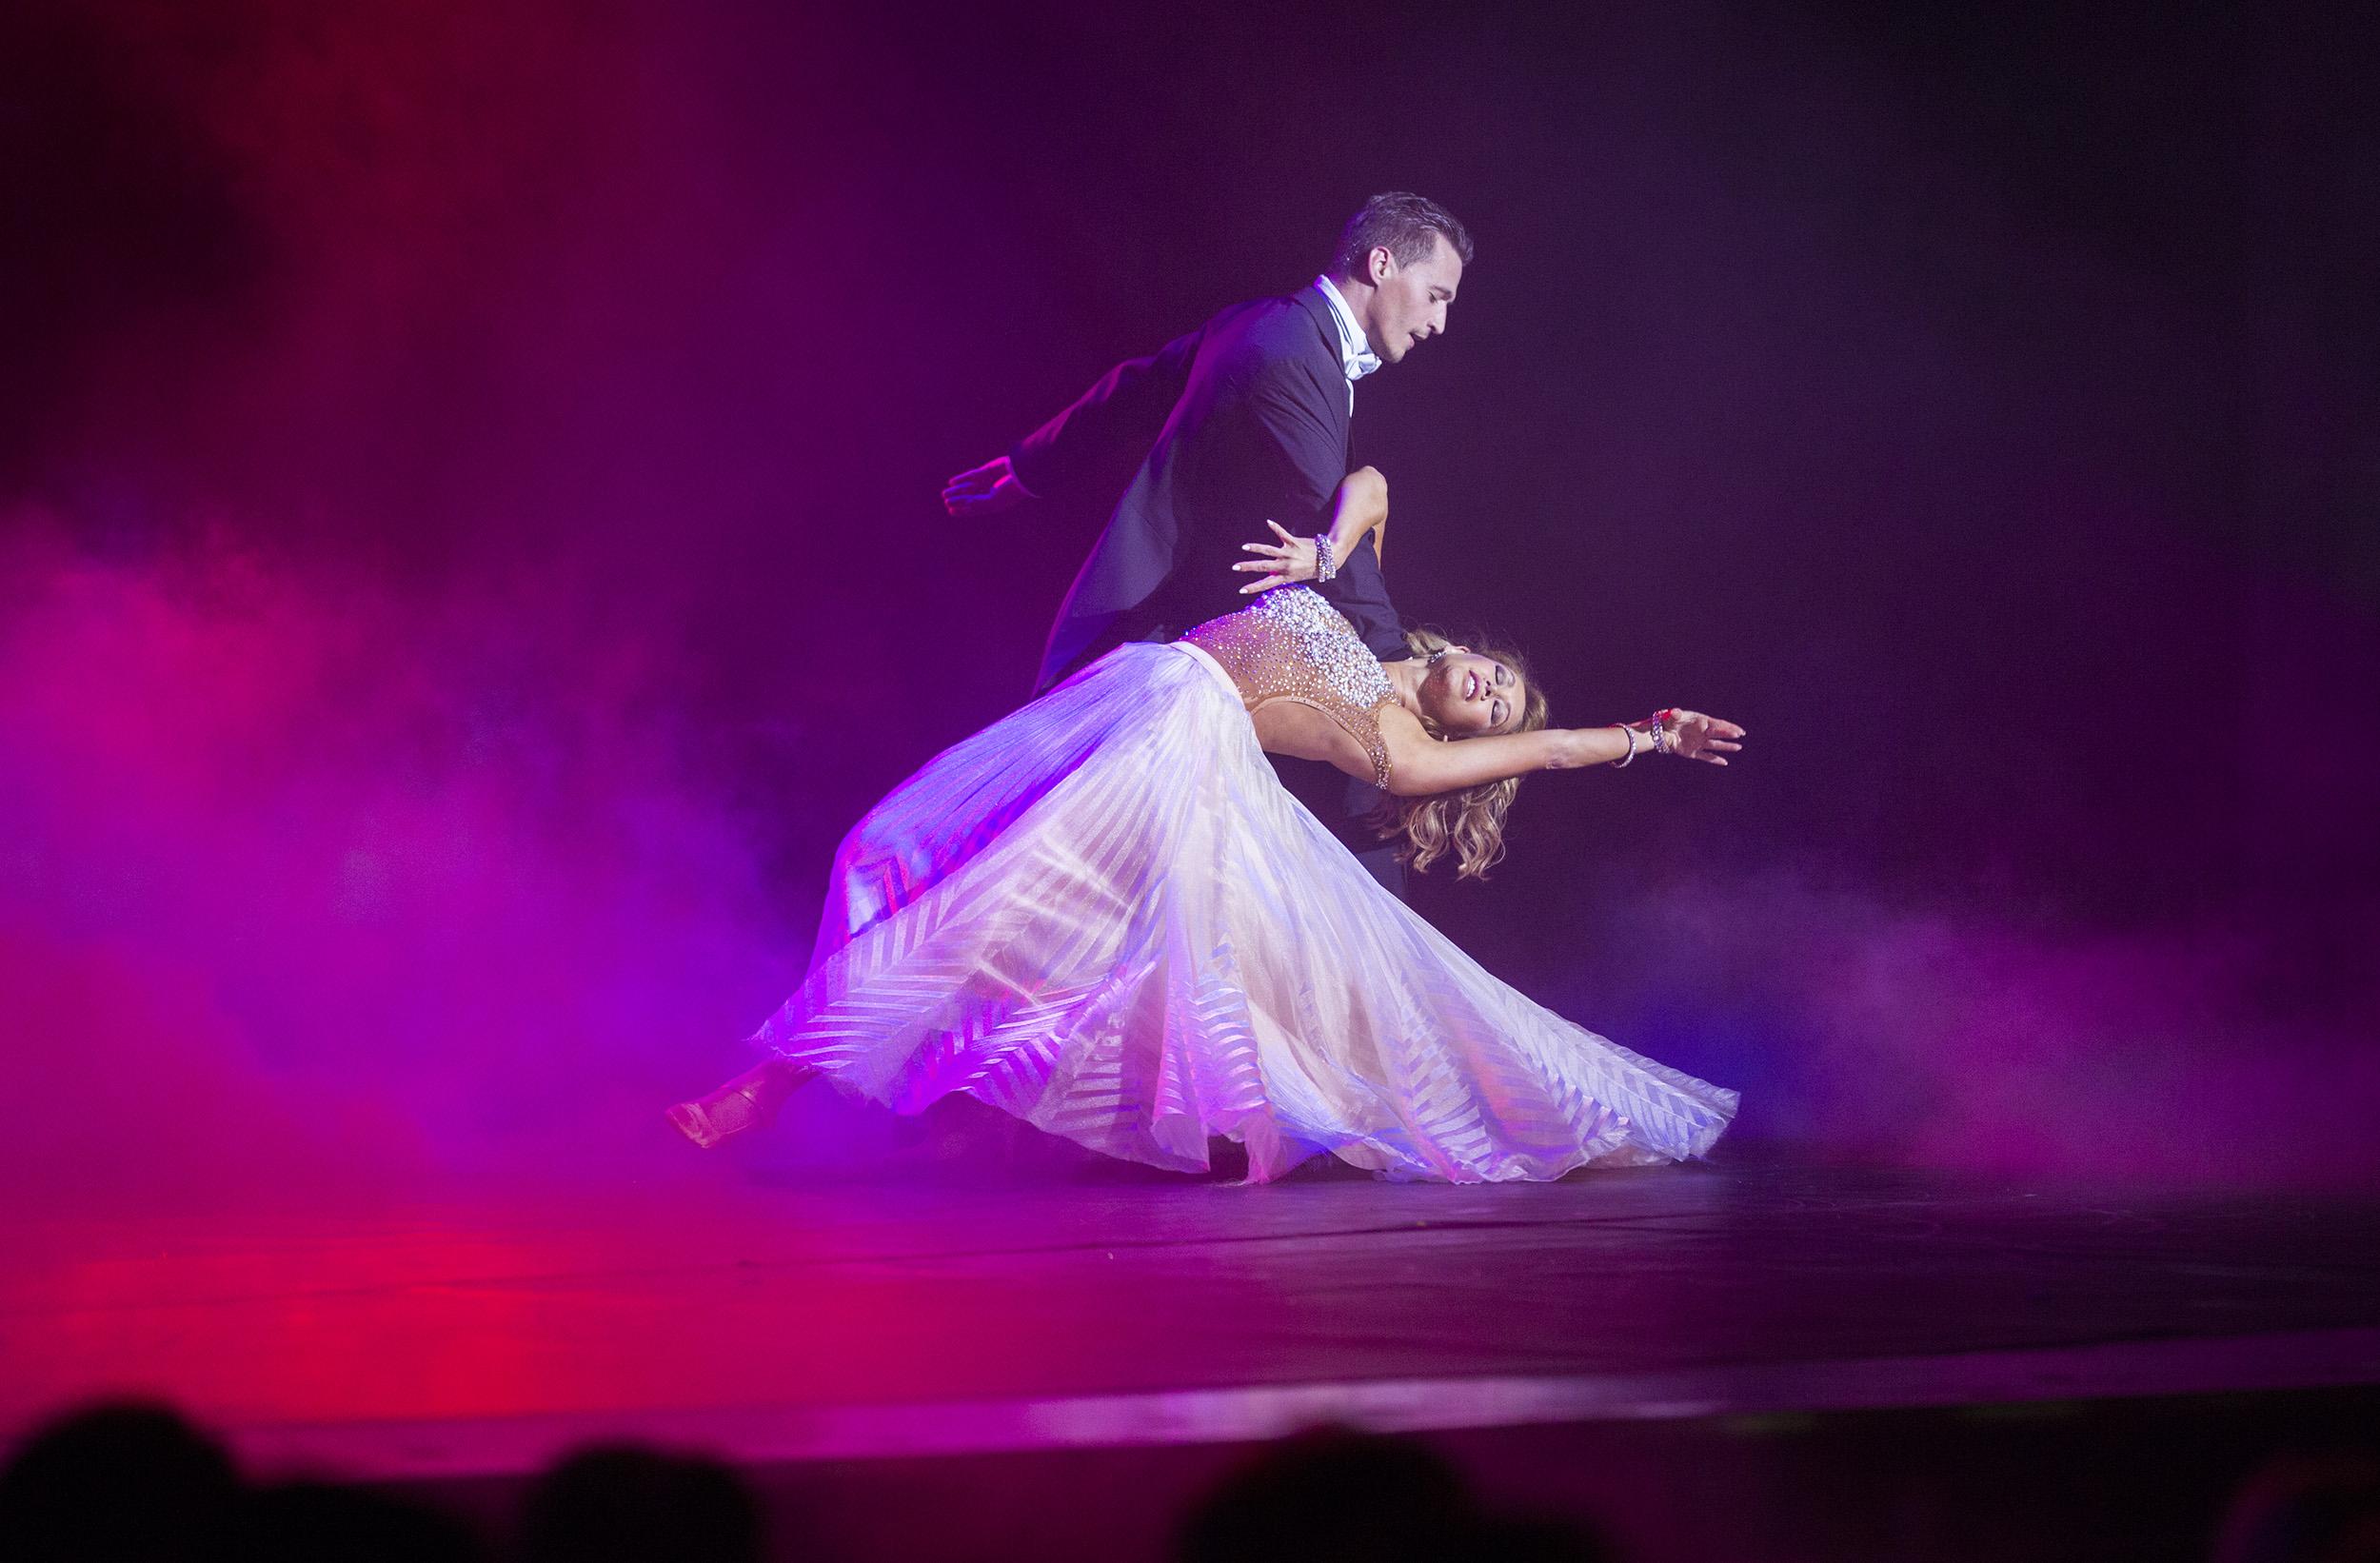 Как фотографировать танцующих людей на сцене